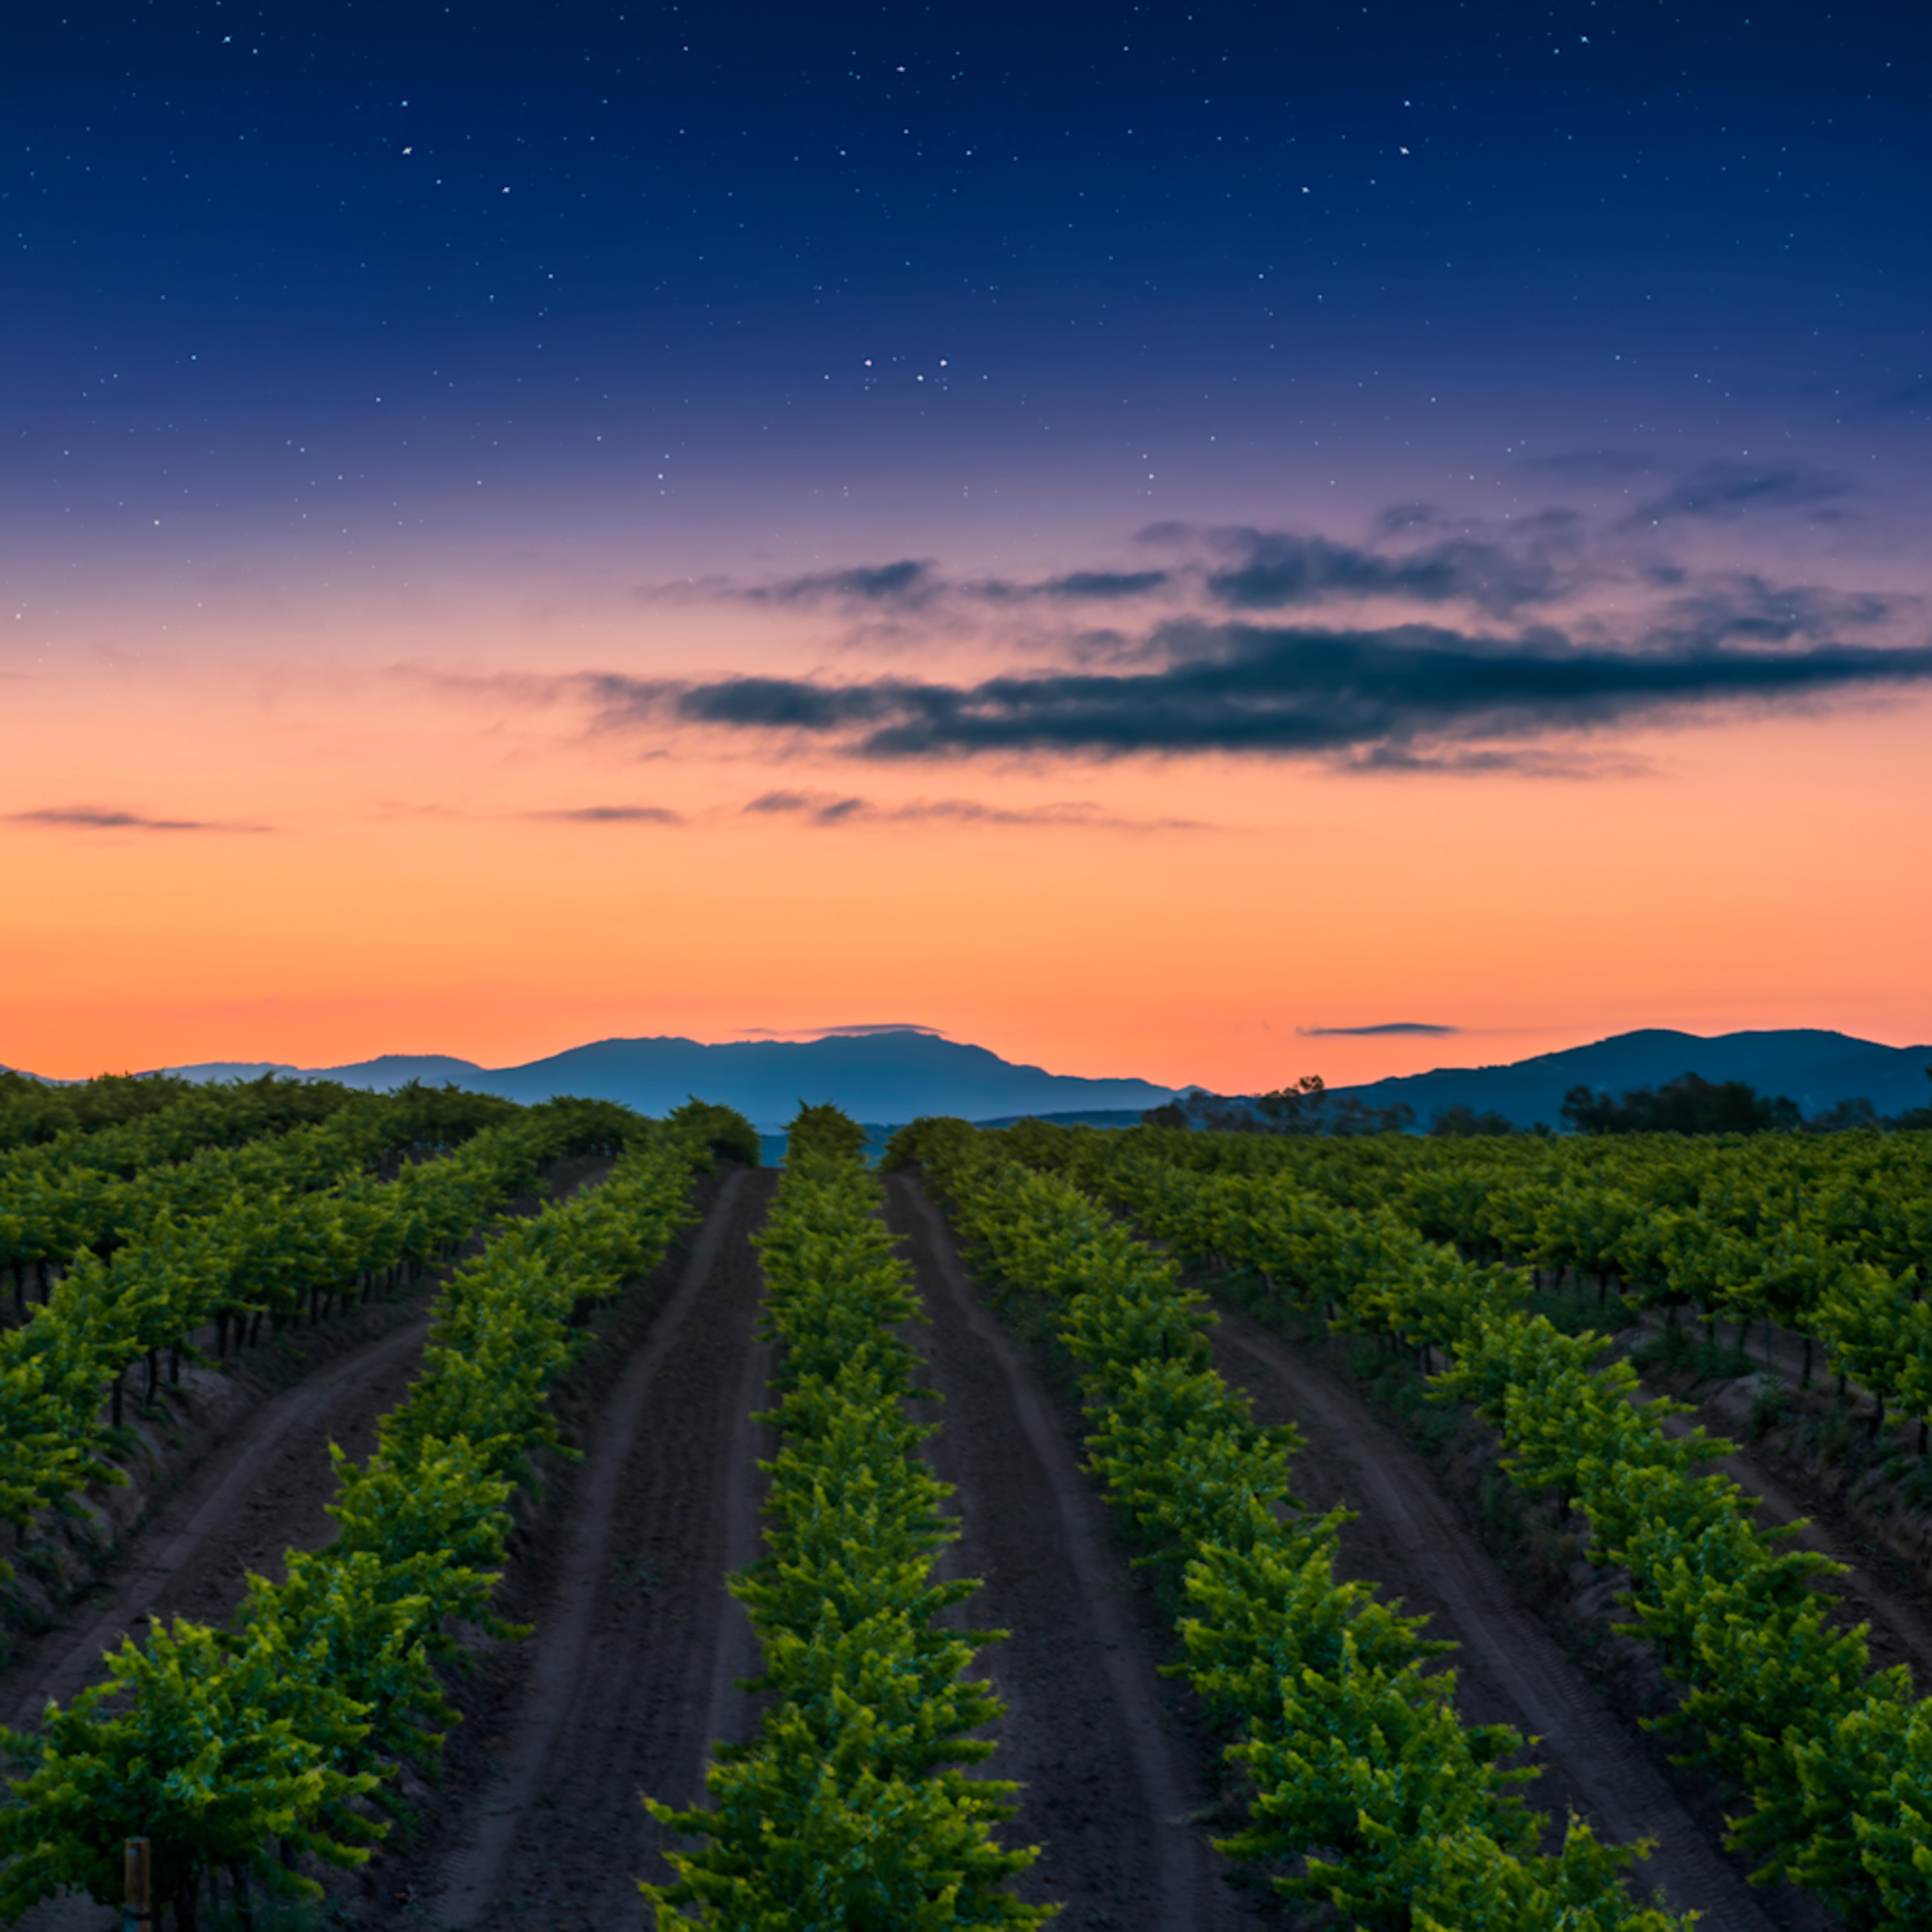 Apricot dawn aq0km1